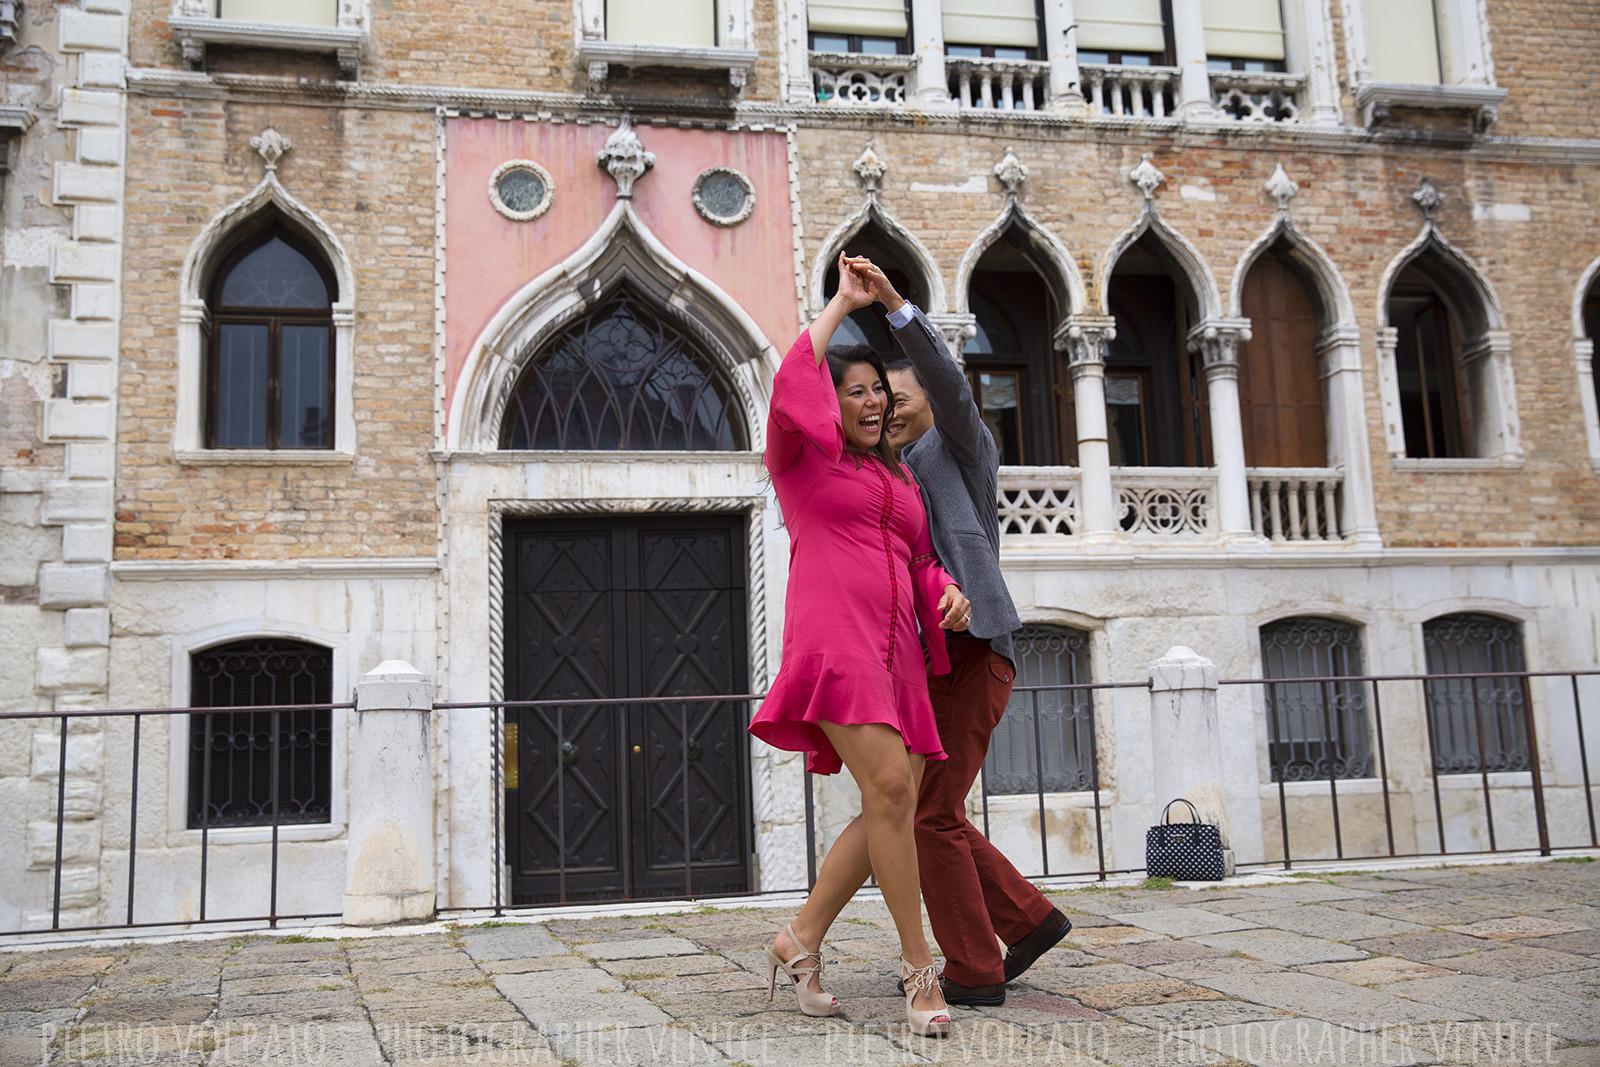 Foto romantiche e divertenti vacanza coppia a Venezia ~ Passeggiata e giro in gondola ~ Fotografo a Venezia per servizio foto